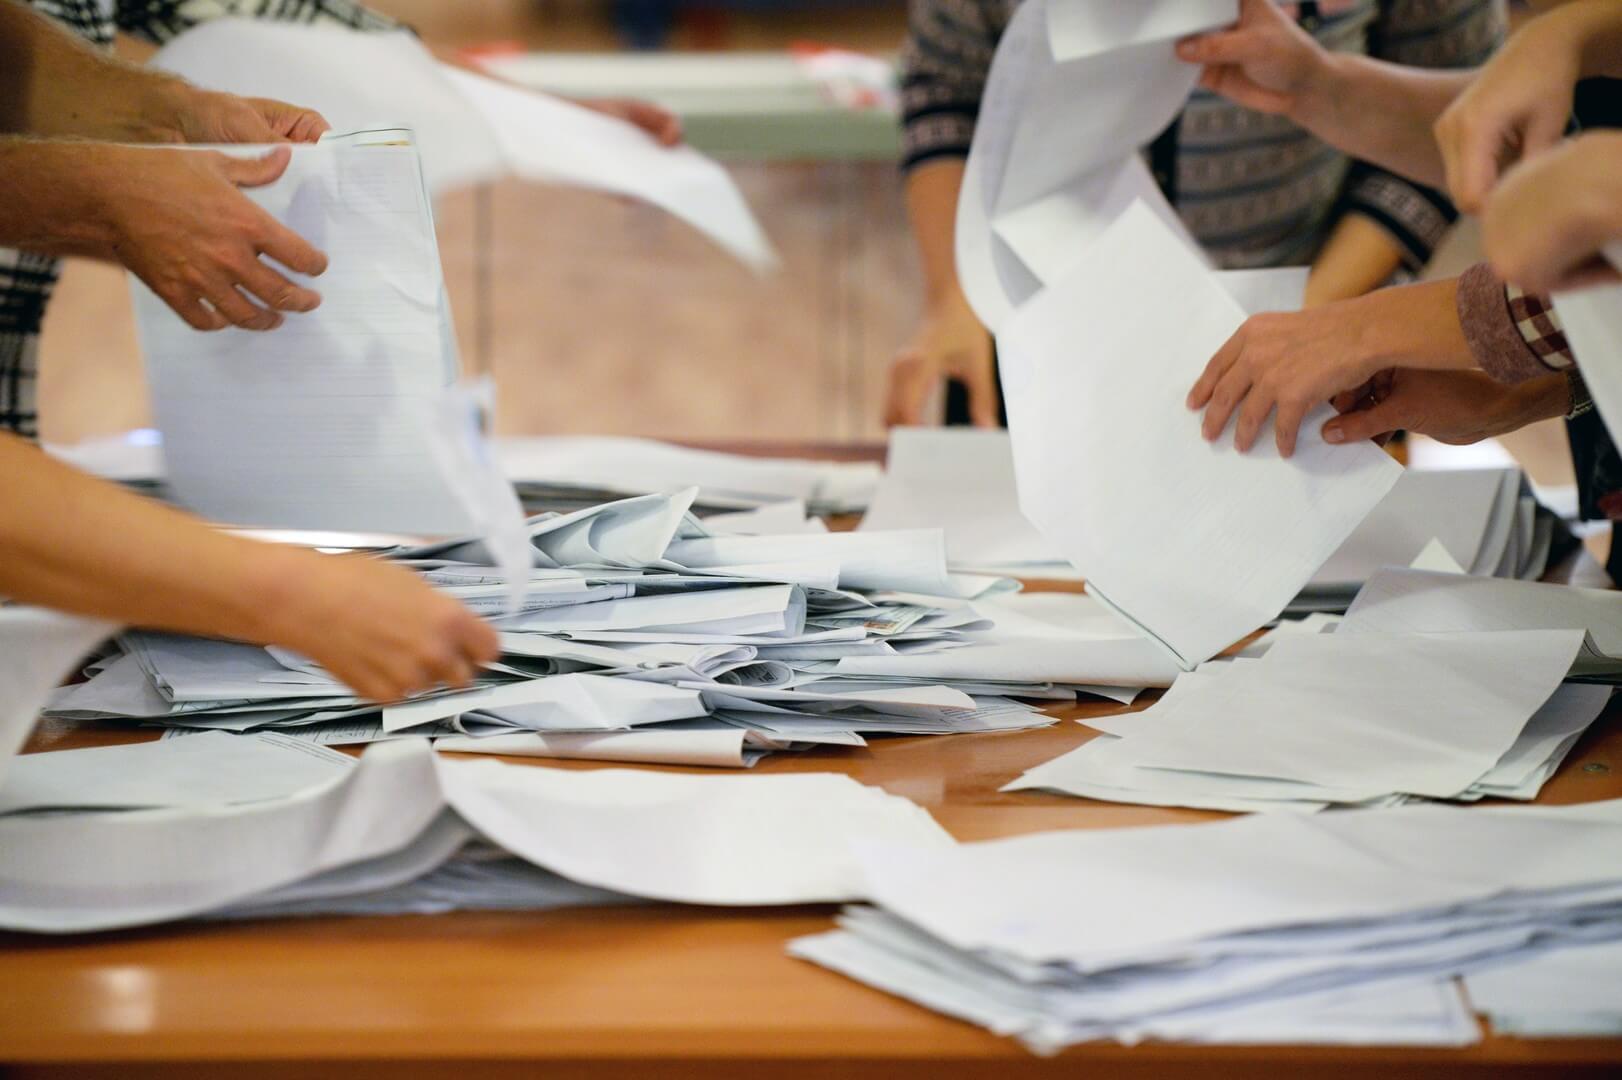 В Тверской области завершилось выдвижение кандидатов для участия в муниципальных выборах